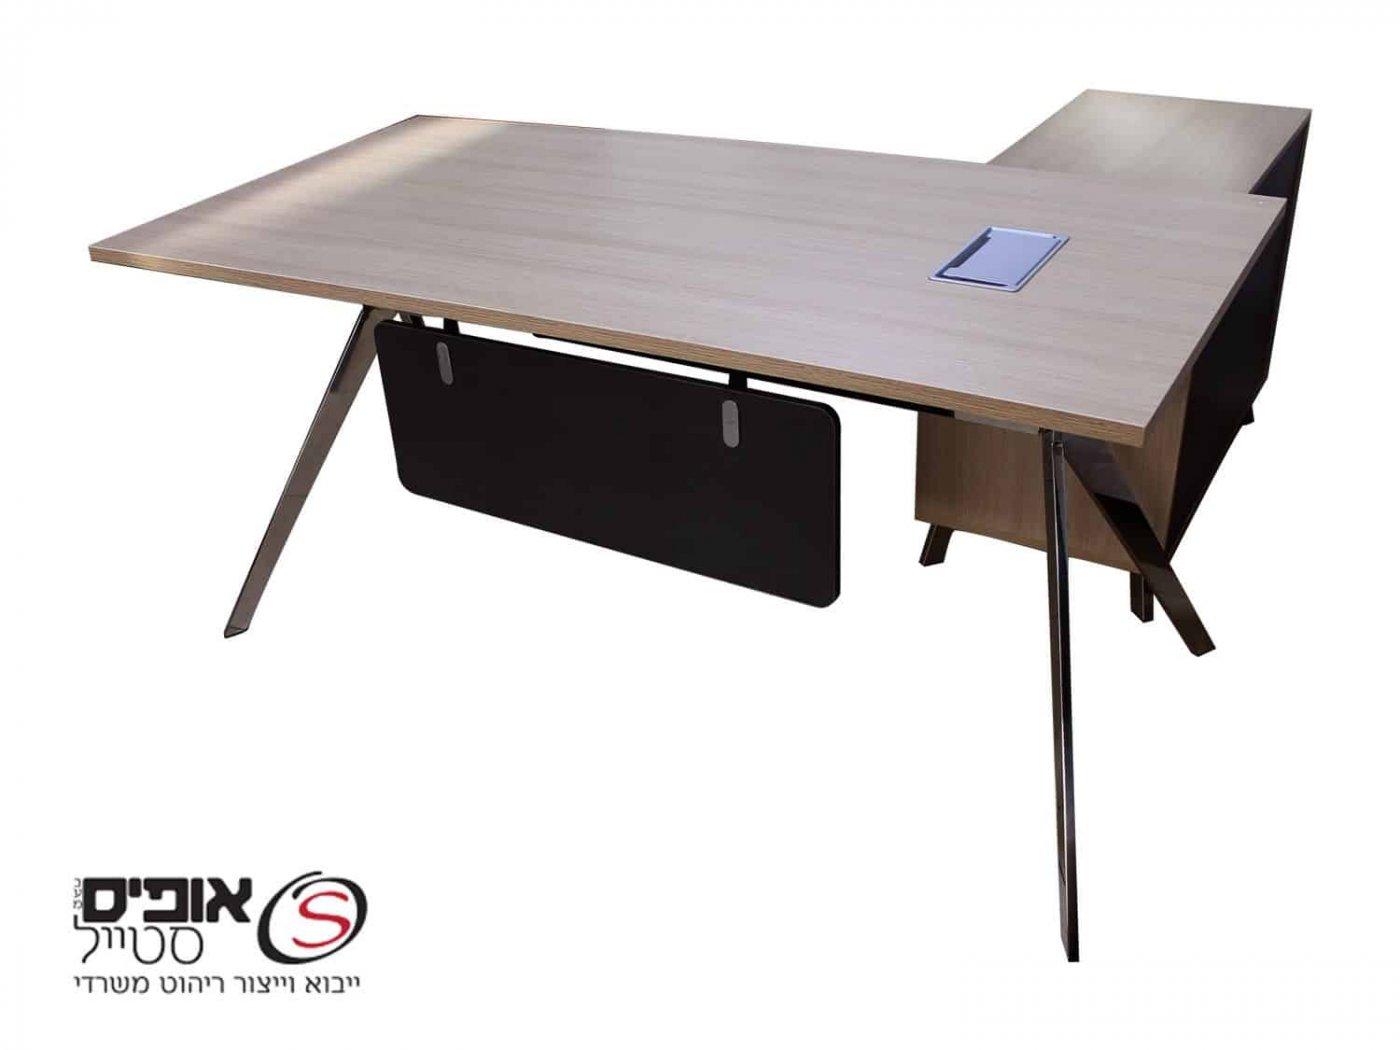 שולחן מנהלים דגם טוקיו 160/80